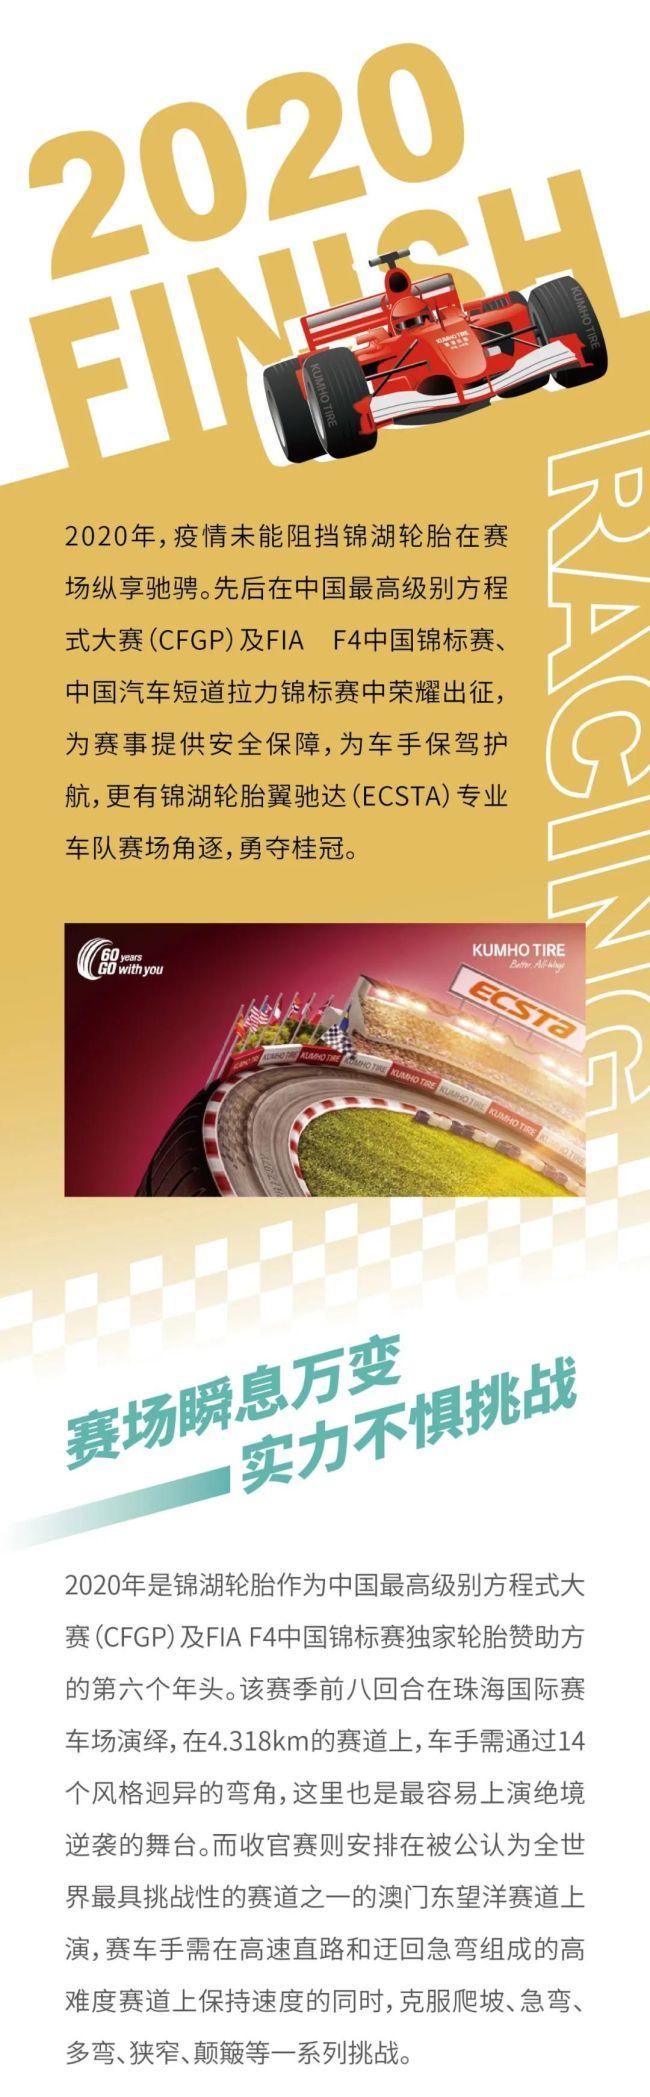 """金牌品质 纵享驰骋——回眸2020,锦湖轮胎用实力""""书写""""一幕幕精彩的画面"""